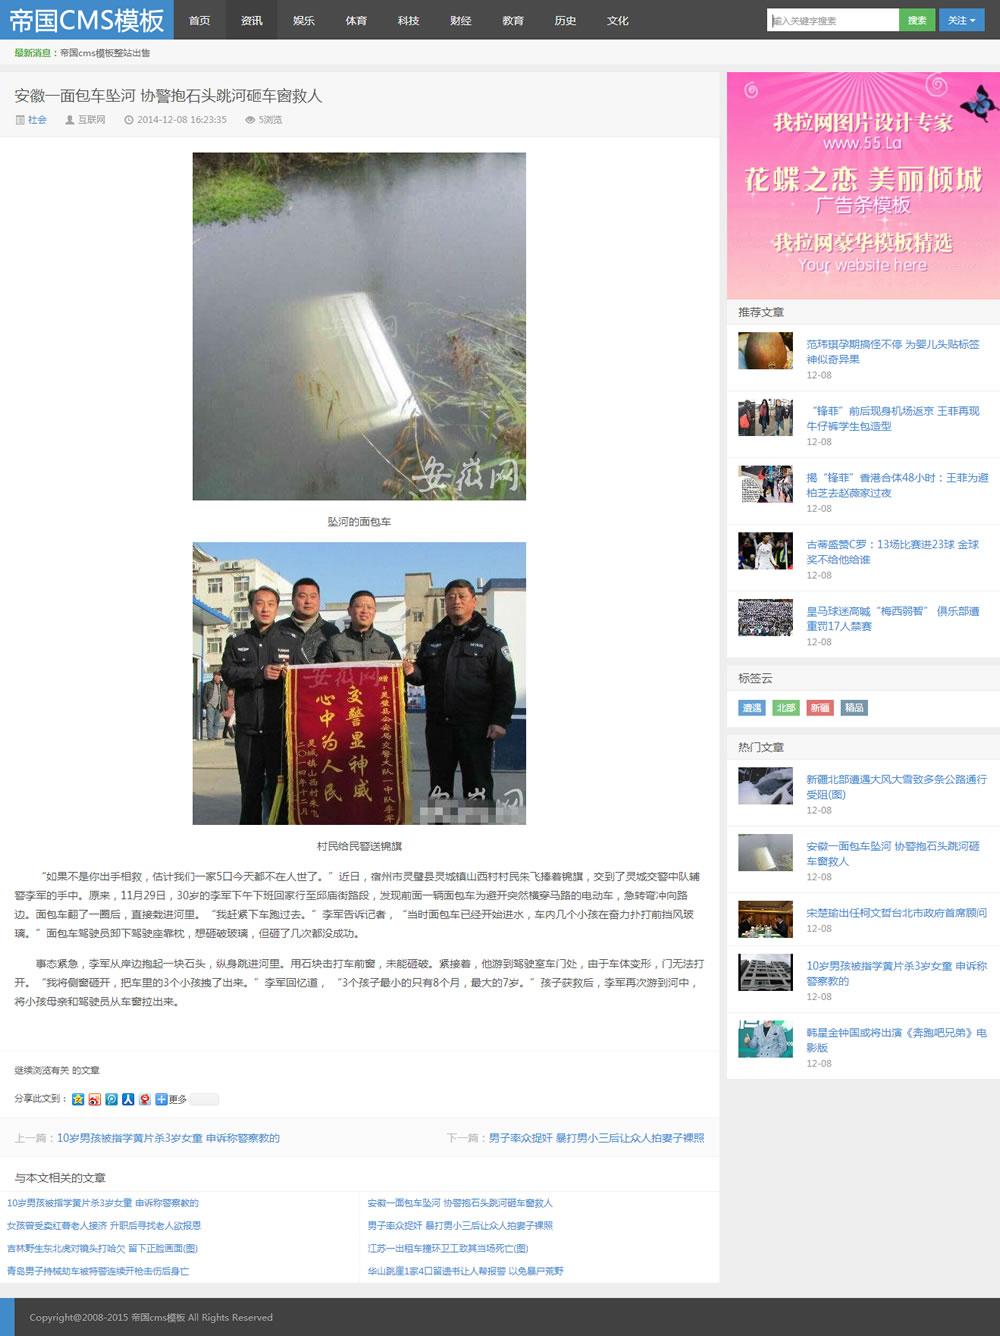 自适应手机版帝国cms文章新闻博客类网站模板_内容页模板